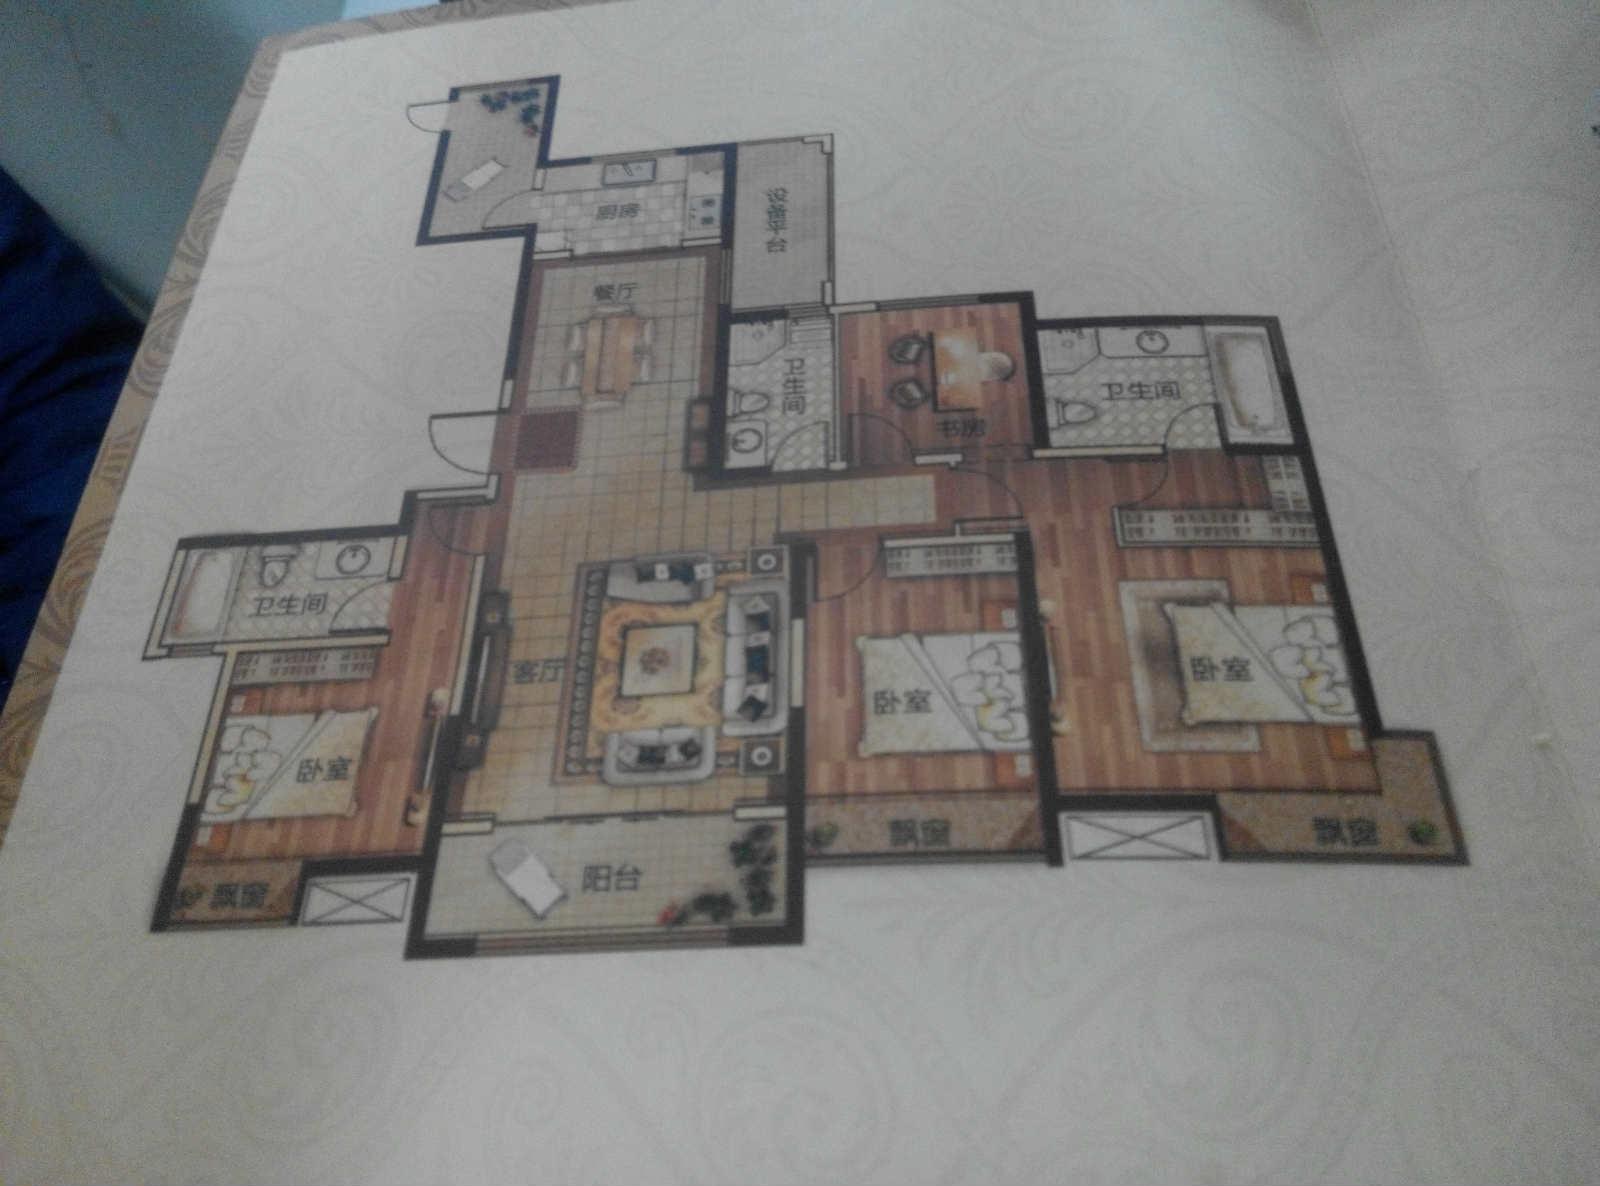 万达广场 4室2厅  毛坯 185万